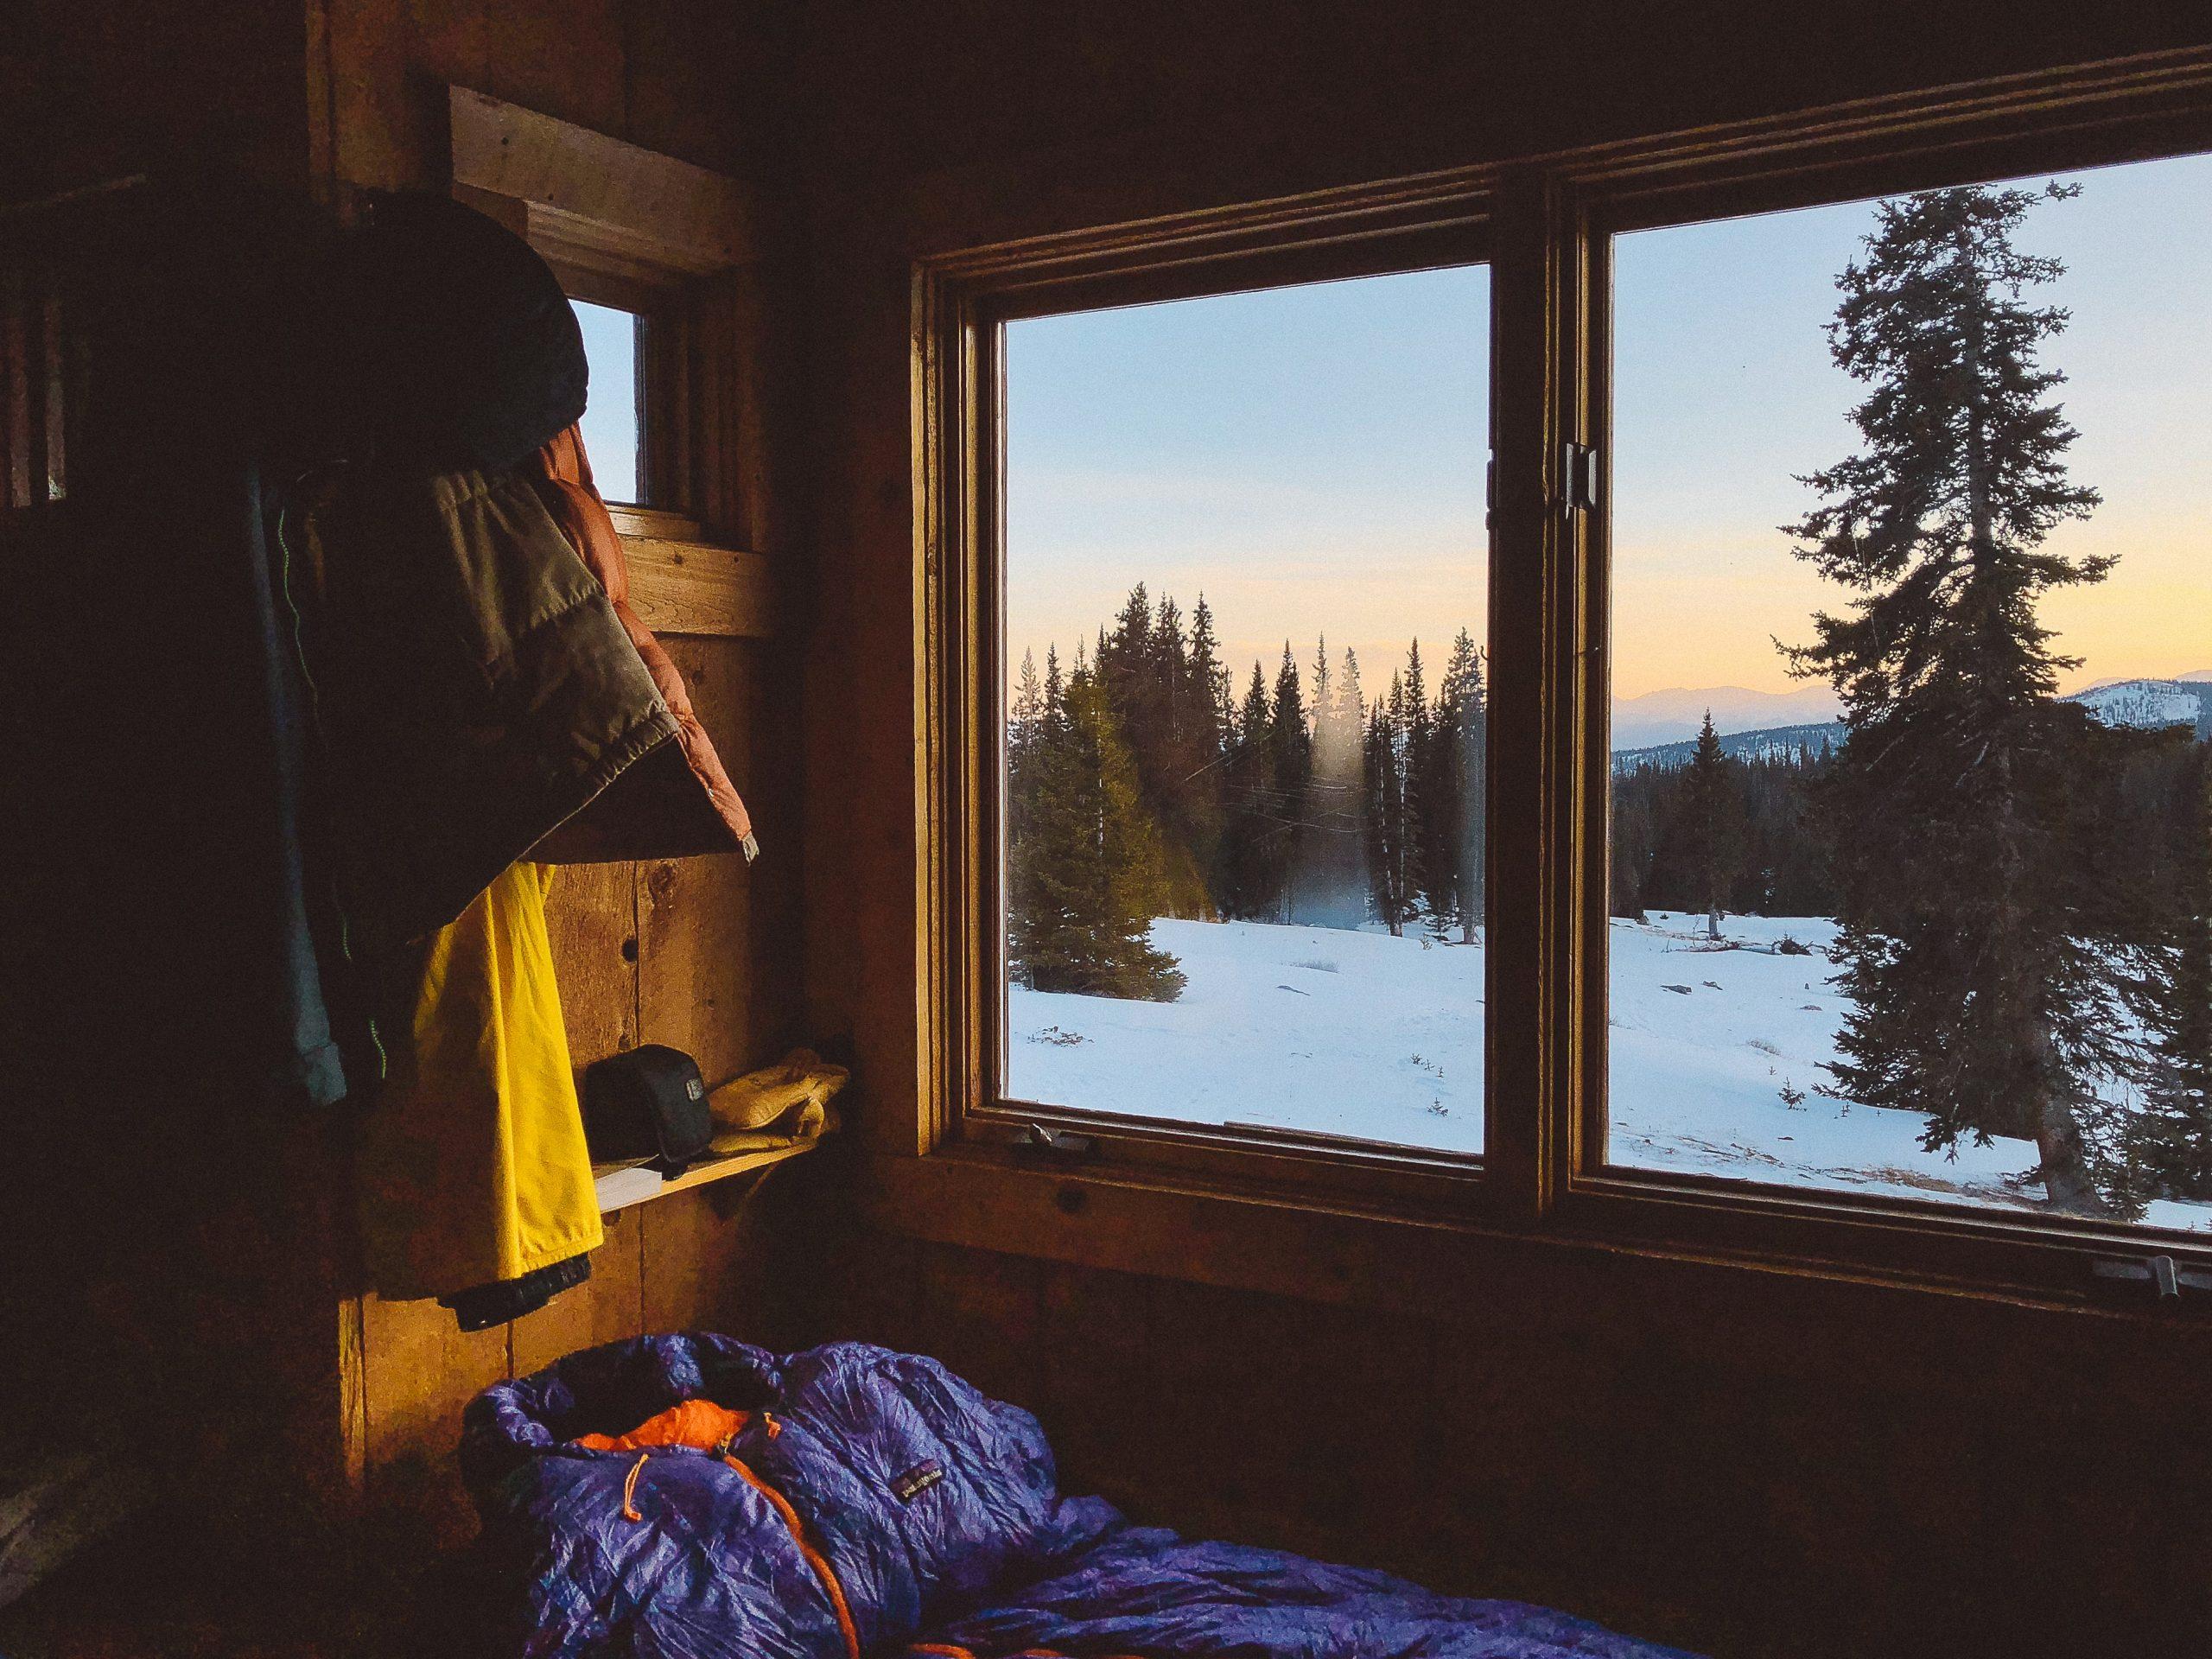 Quel hébergement choisir pour ses vacances au ski ?